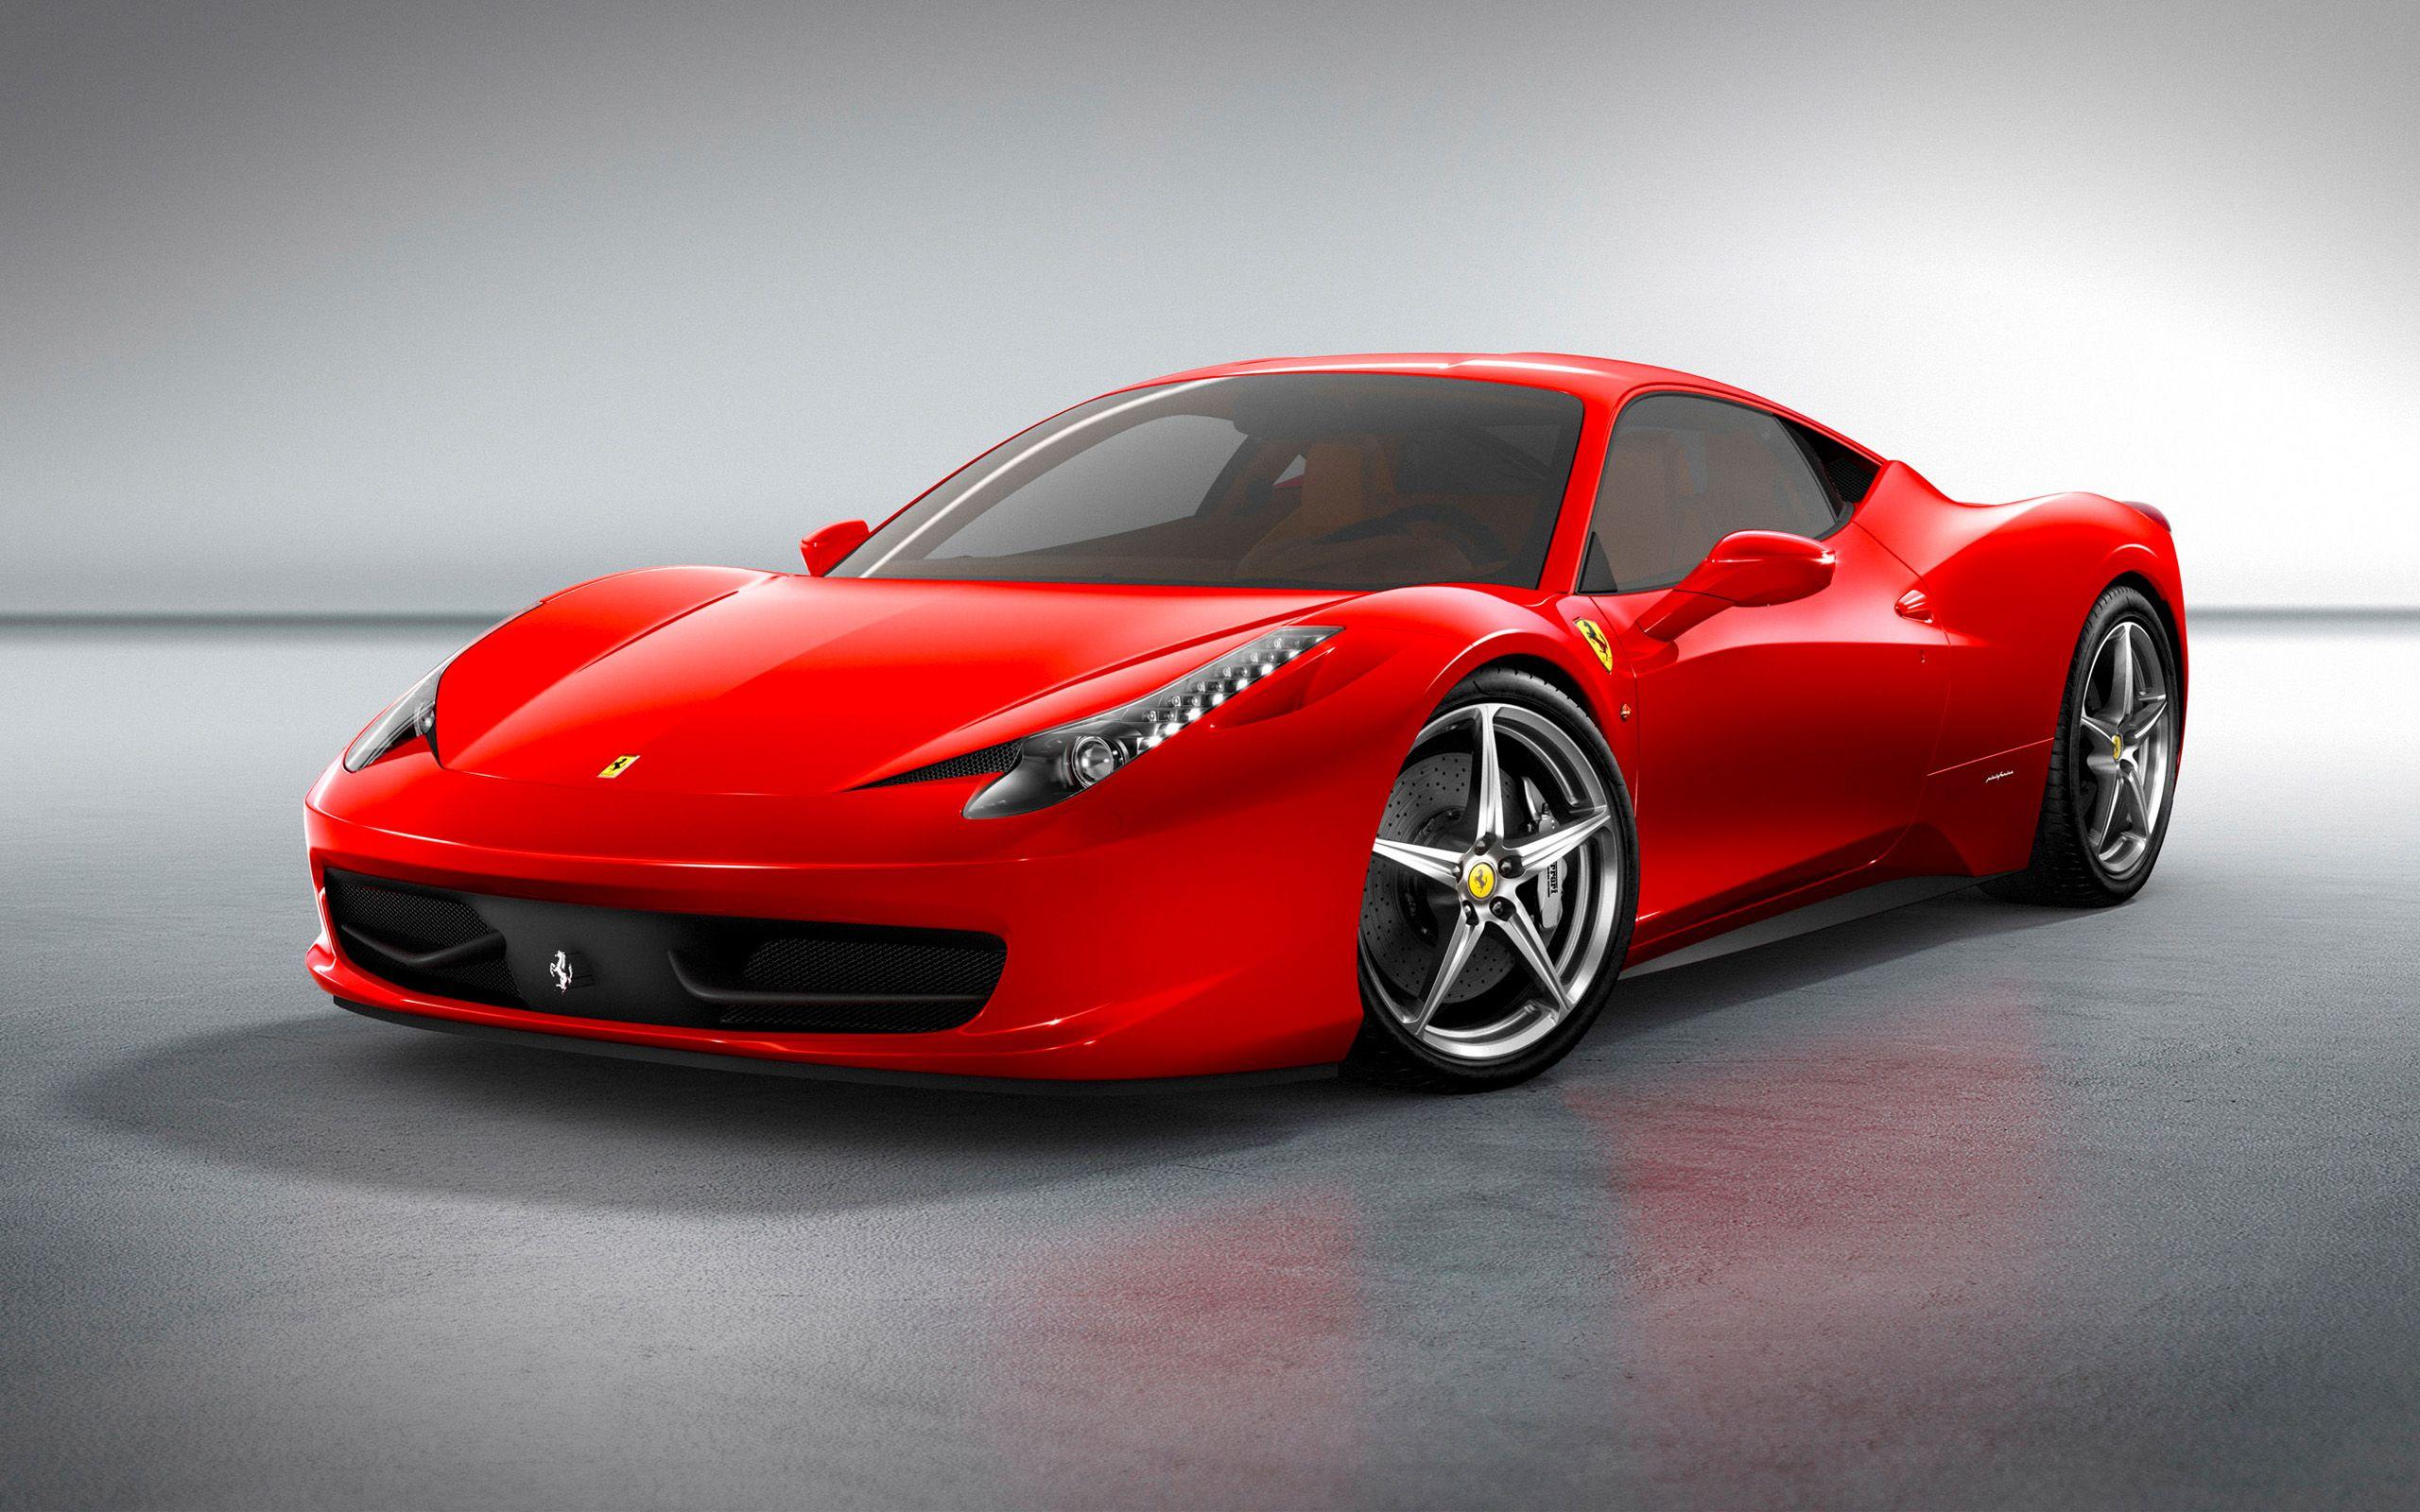 2010 ferrari 458 italia wide cars pinterest ferrari 458 2010 ferrari 458 italia wide vanachro Gallery